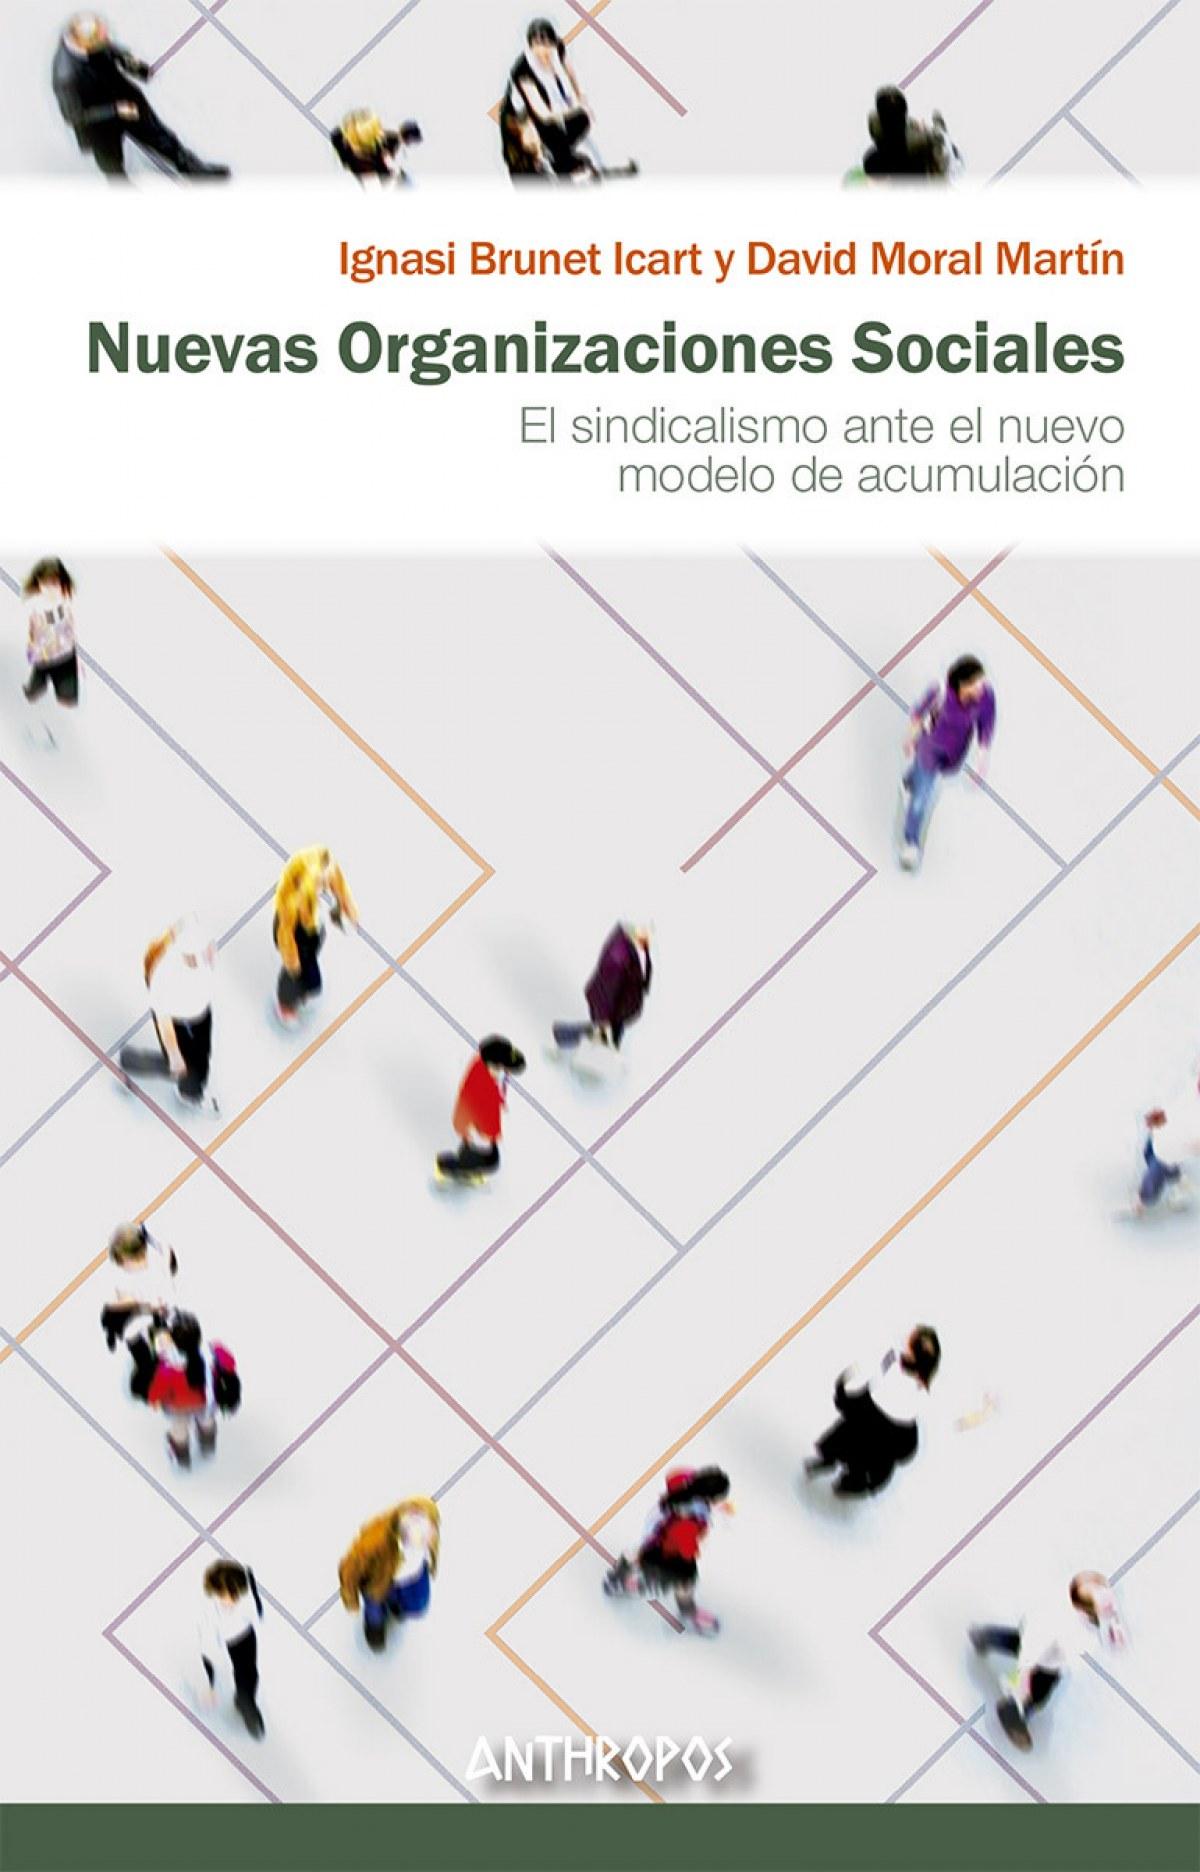 NUEVAS ORGANIZACIONES SOCIALES